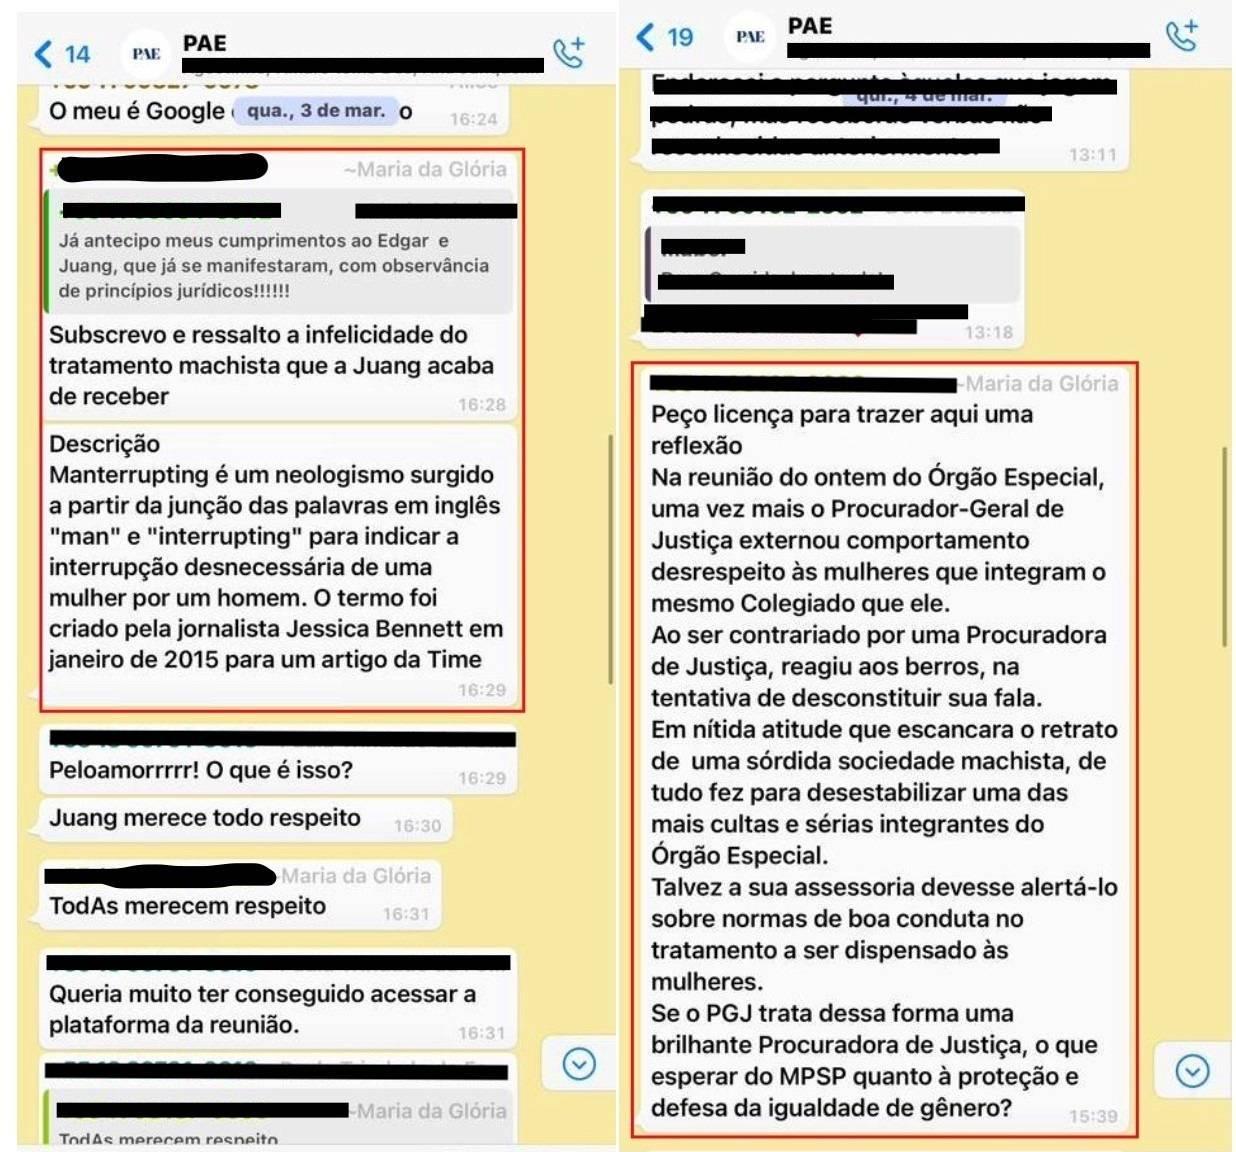 Procuradora divulgou mensagens criticando atitude do Procurador-Geral de Justiça